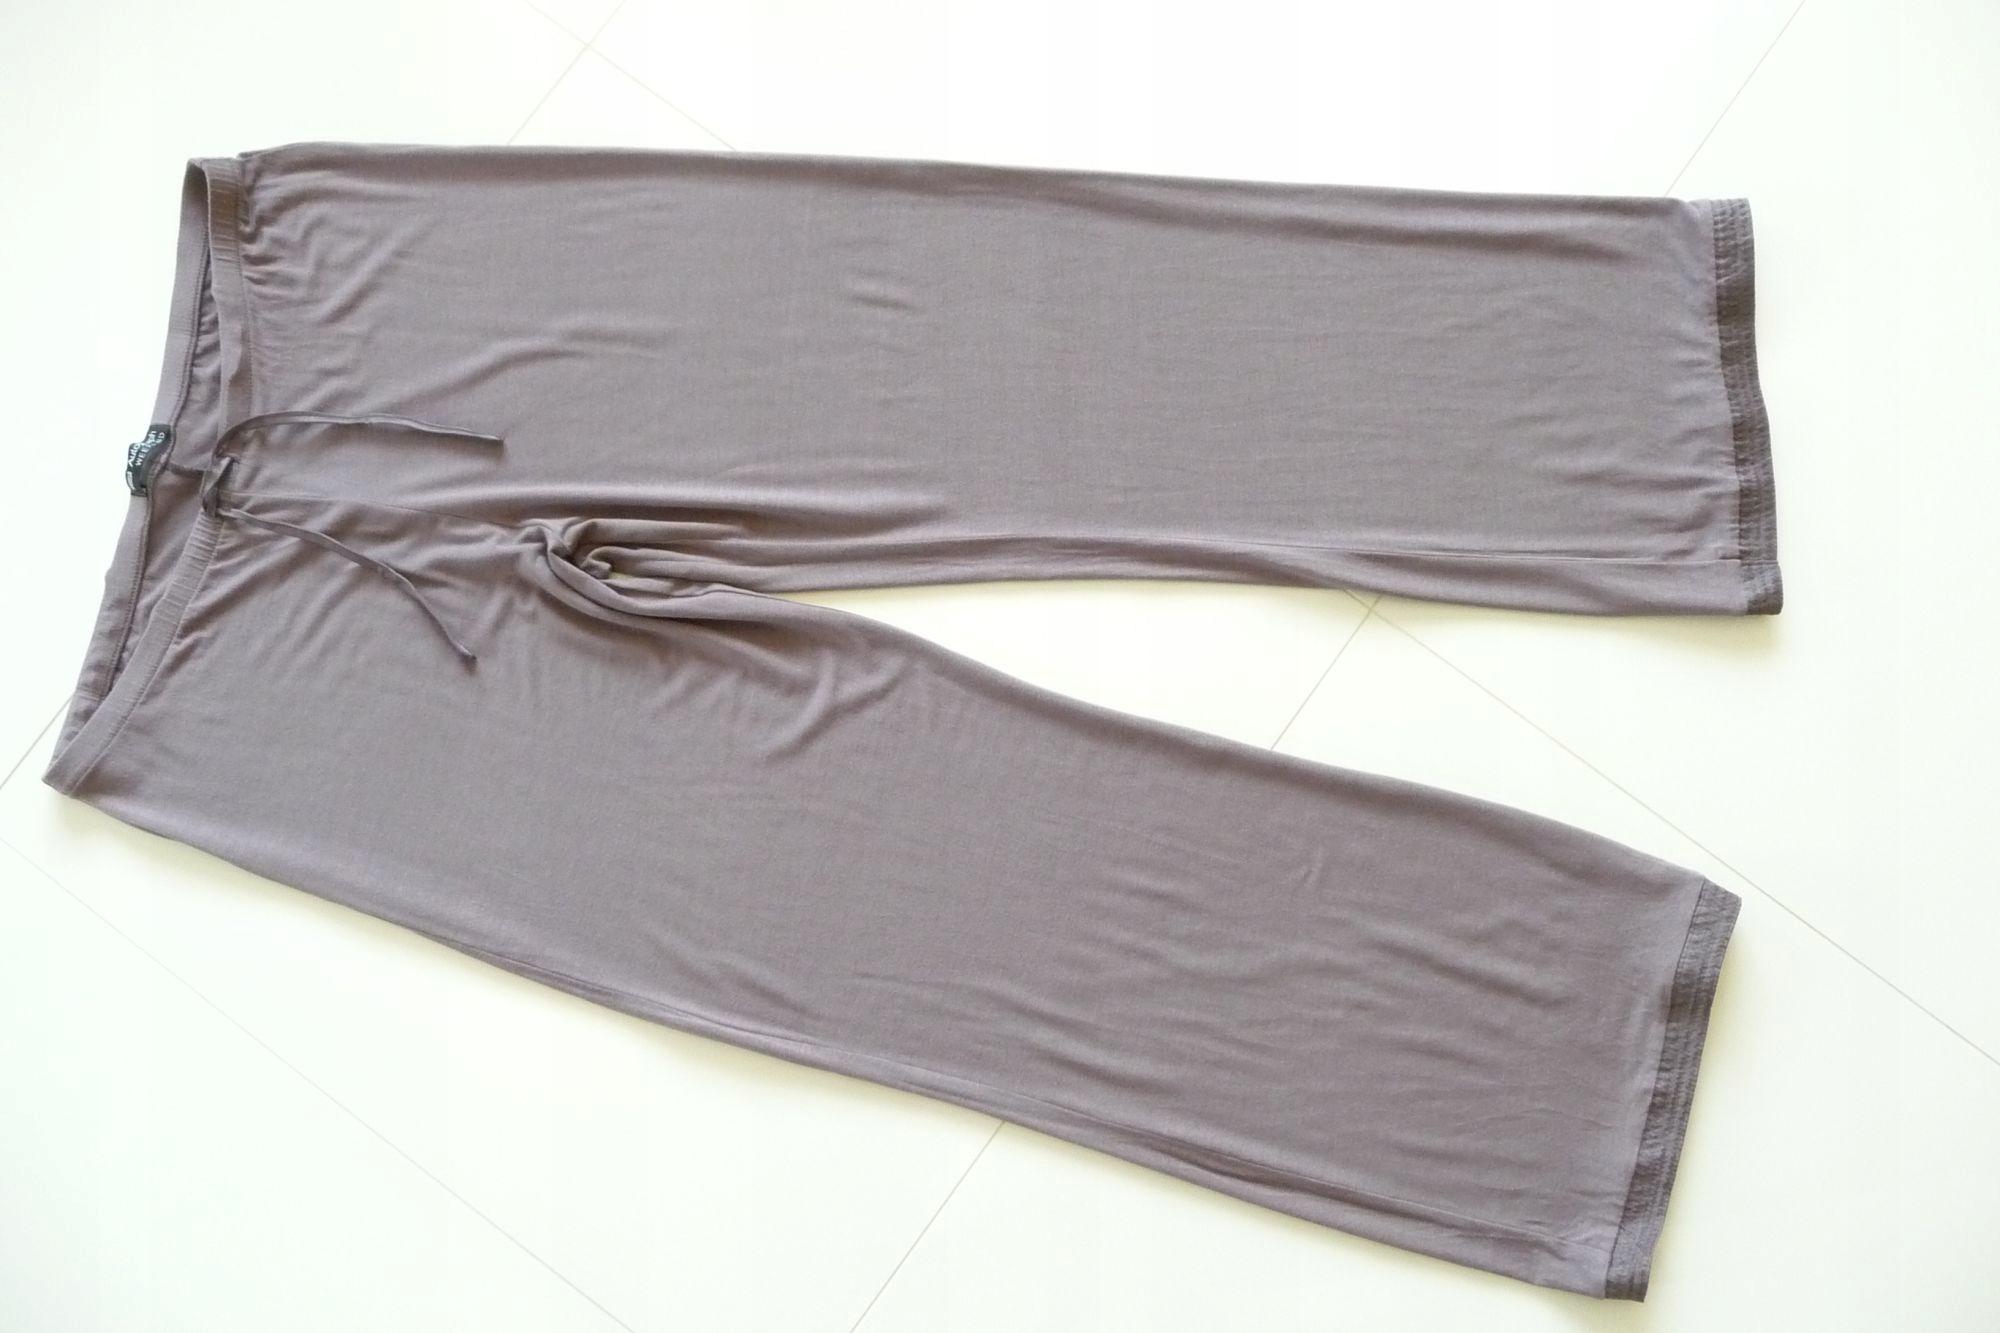 M&S Spodnie od piżamy gumka 42 elast. 12d519